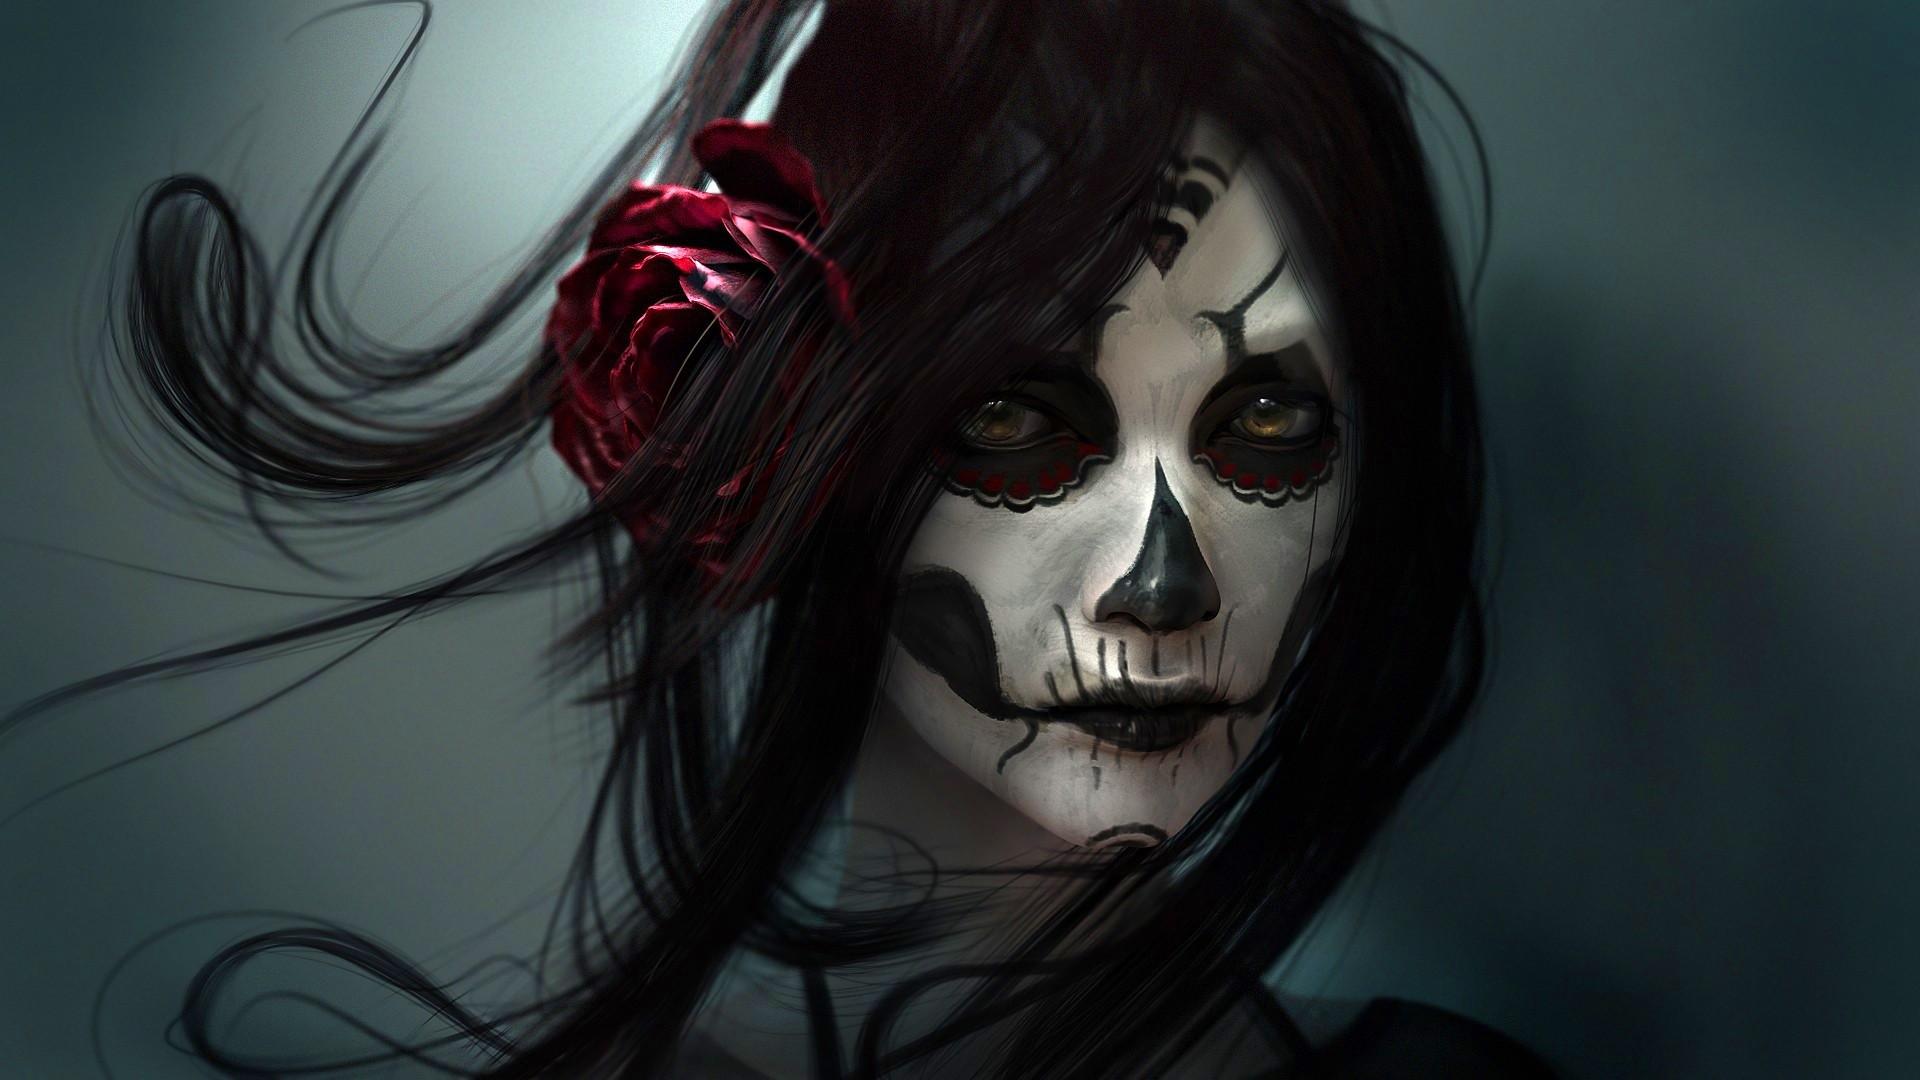 Sugar Skull Wallpaper Mobile #402 • Other at ngepLuk.com